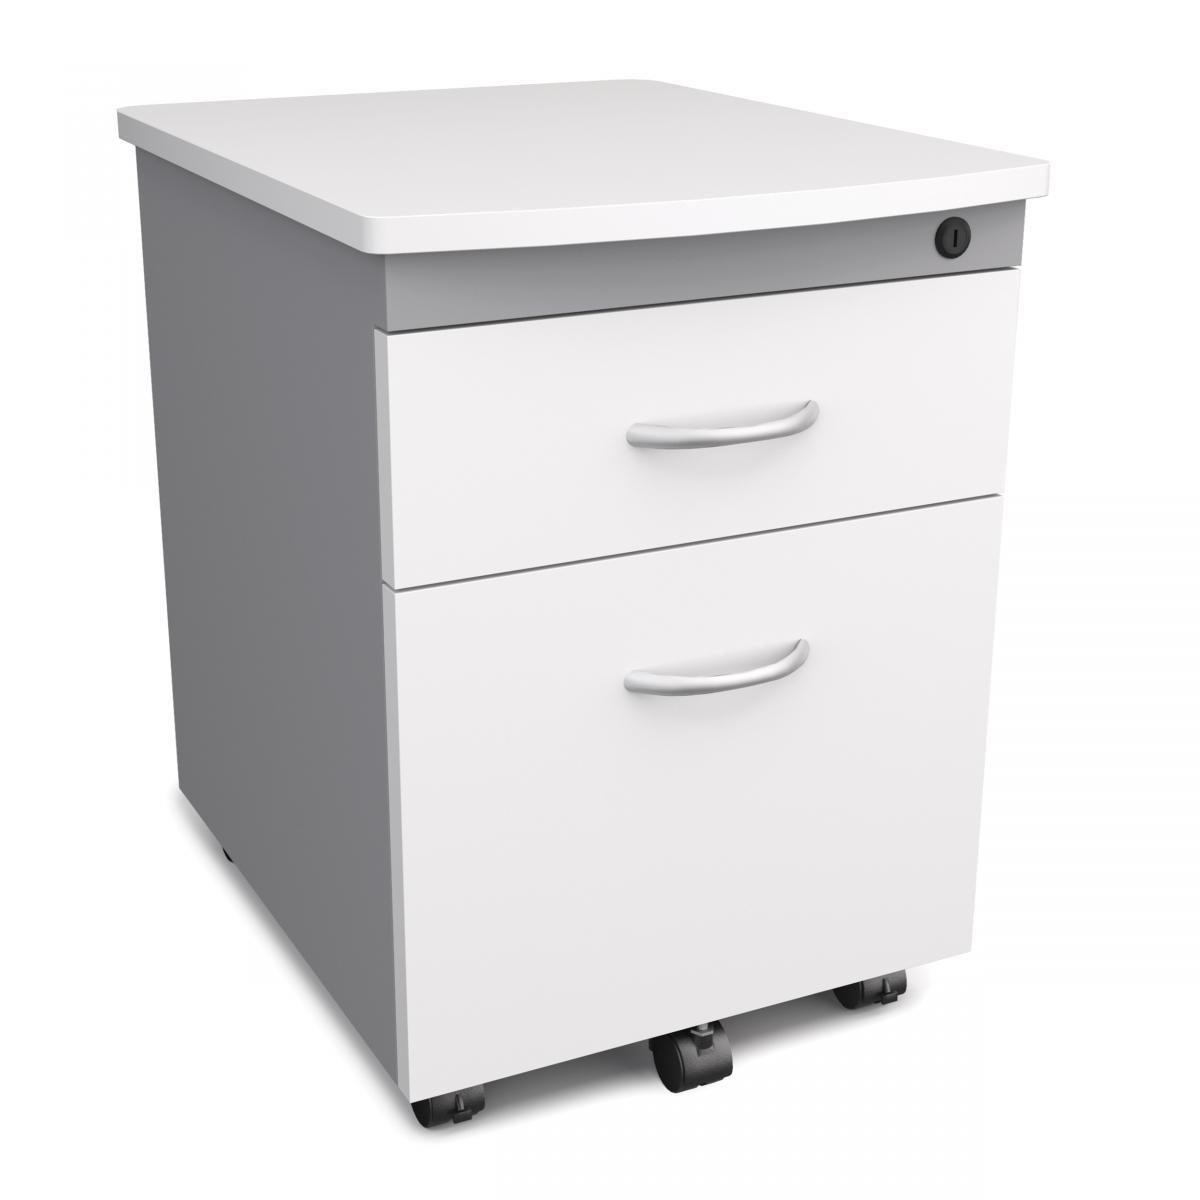 OFM Mobile File Pedestal